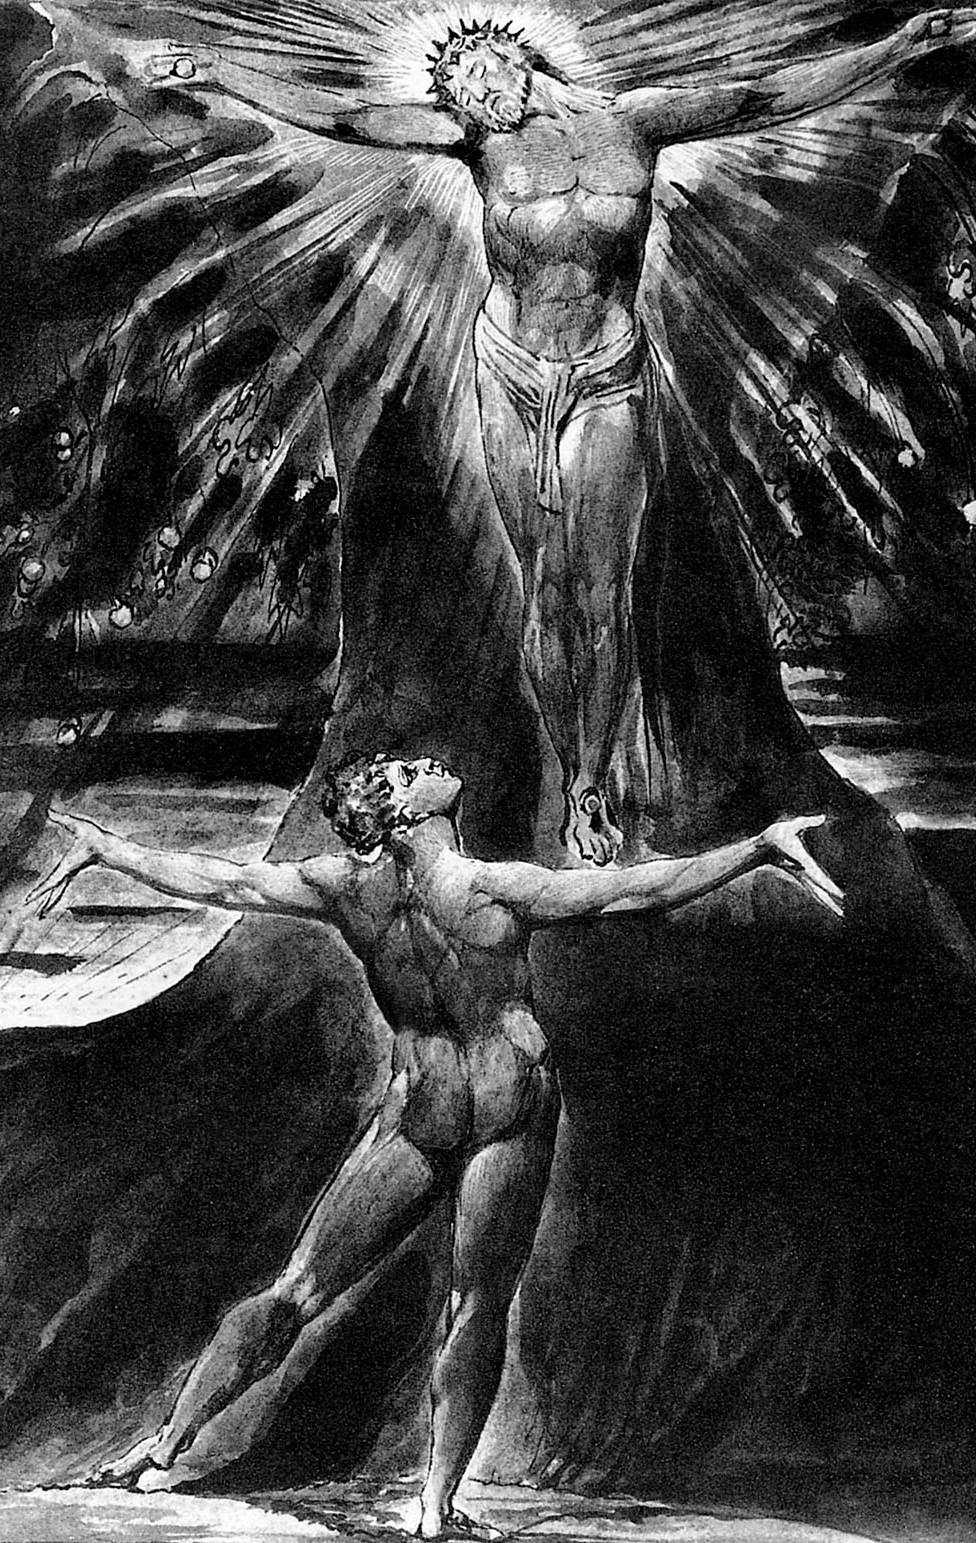 """Albión contemplando a Jesús crucificado en el poema con grabados """"Jerusalén"""", de William Blake"""